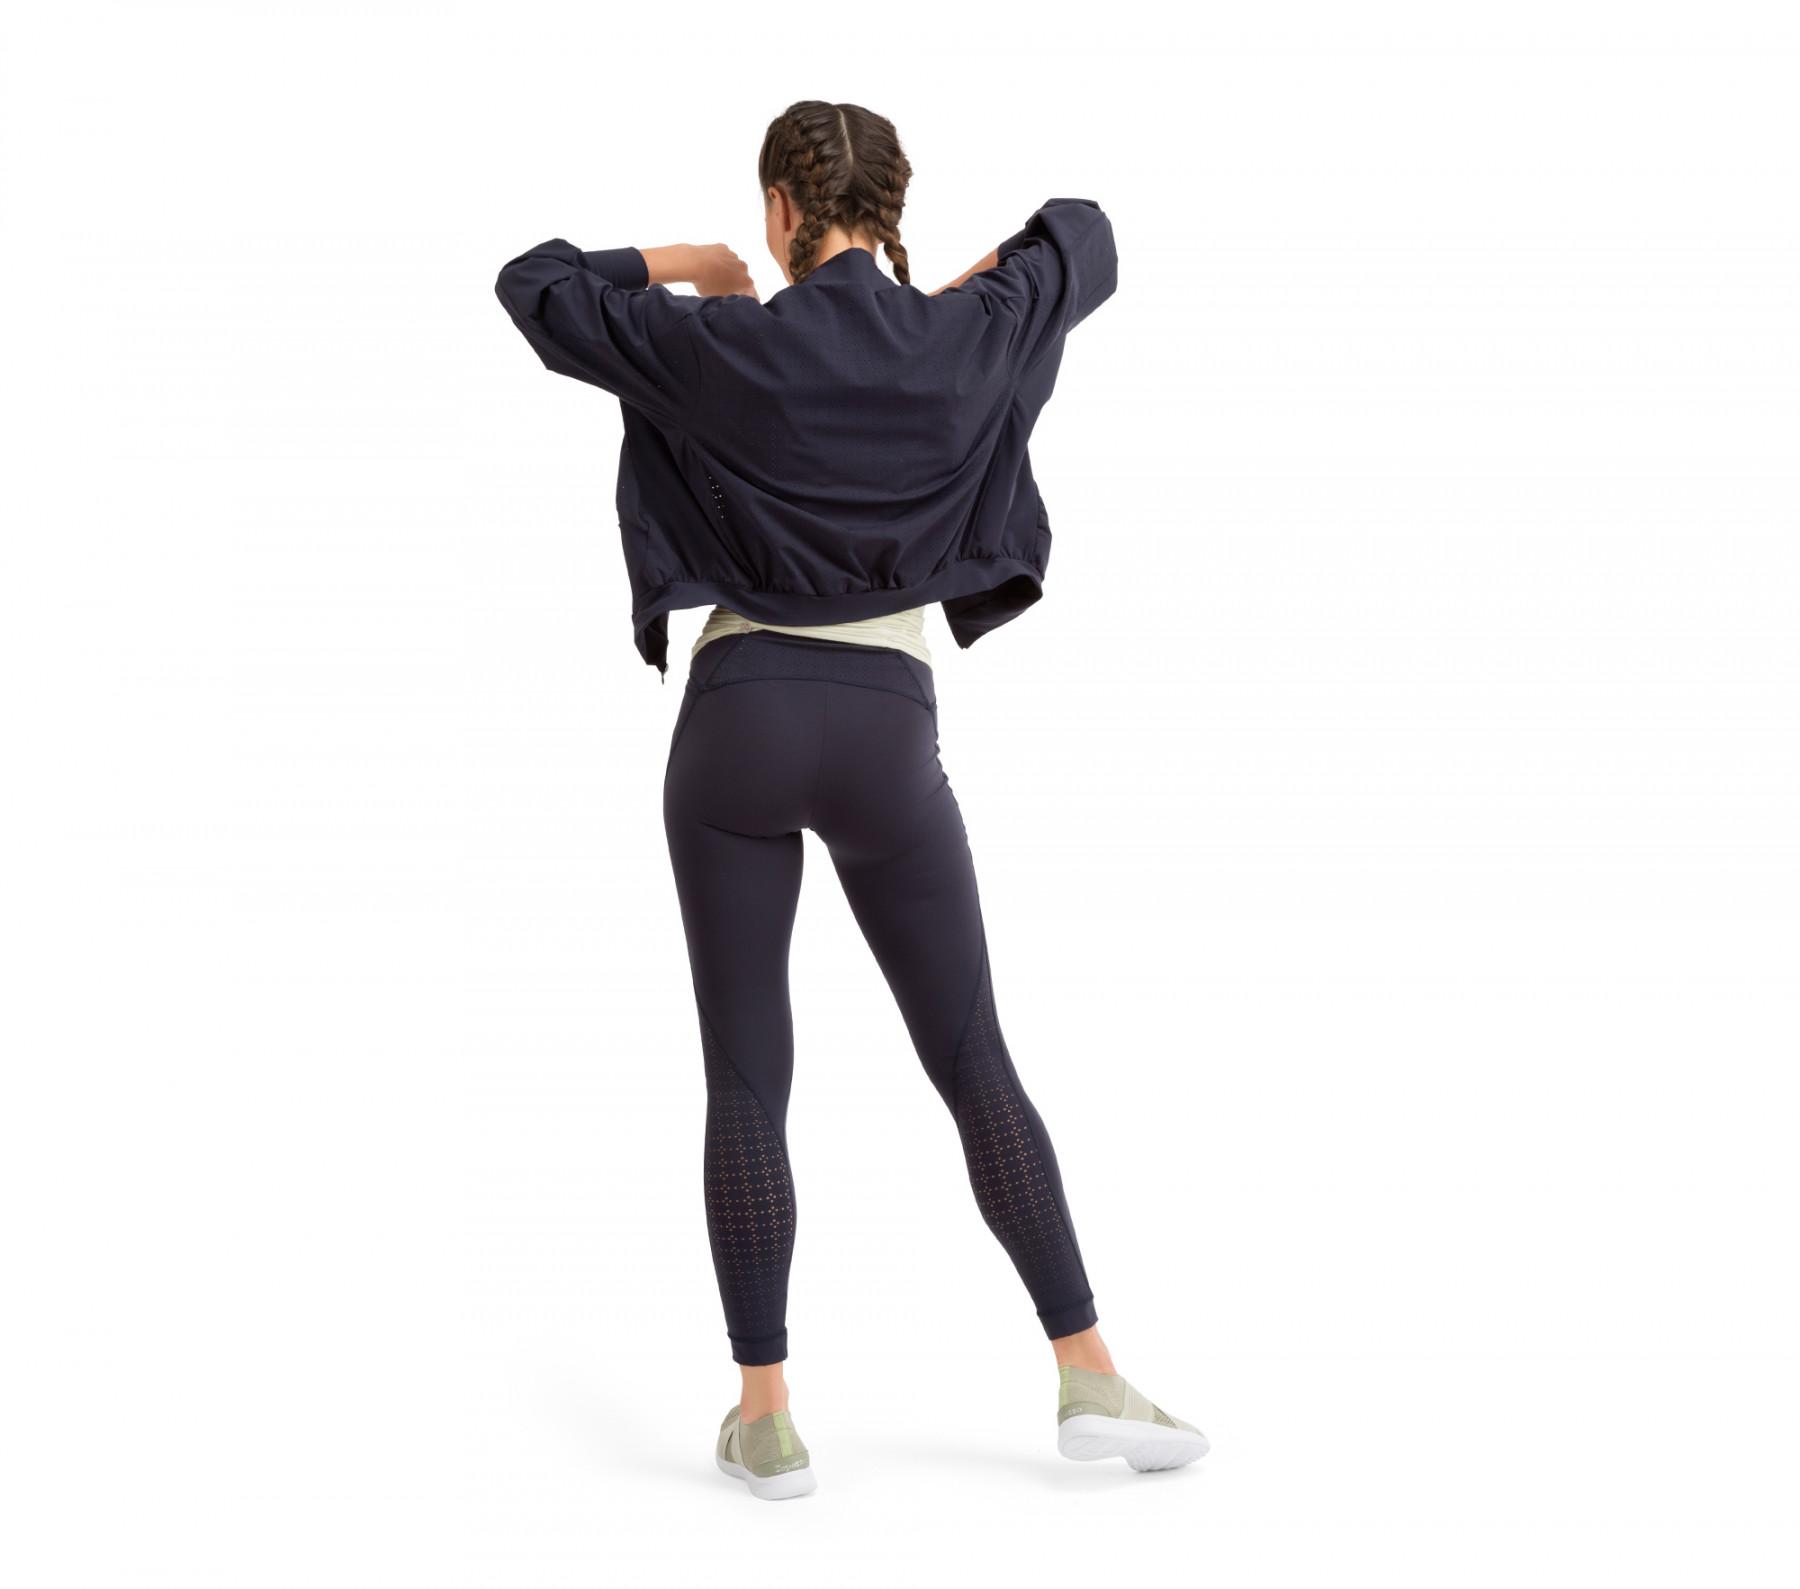 Veste perforée high stretch